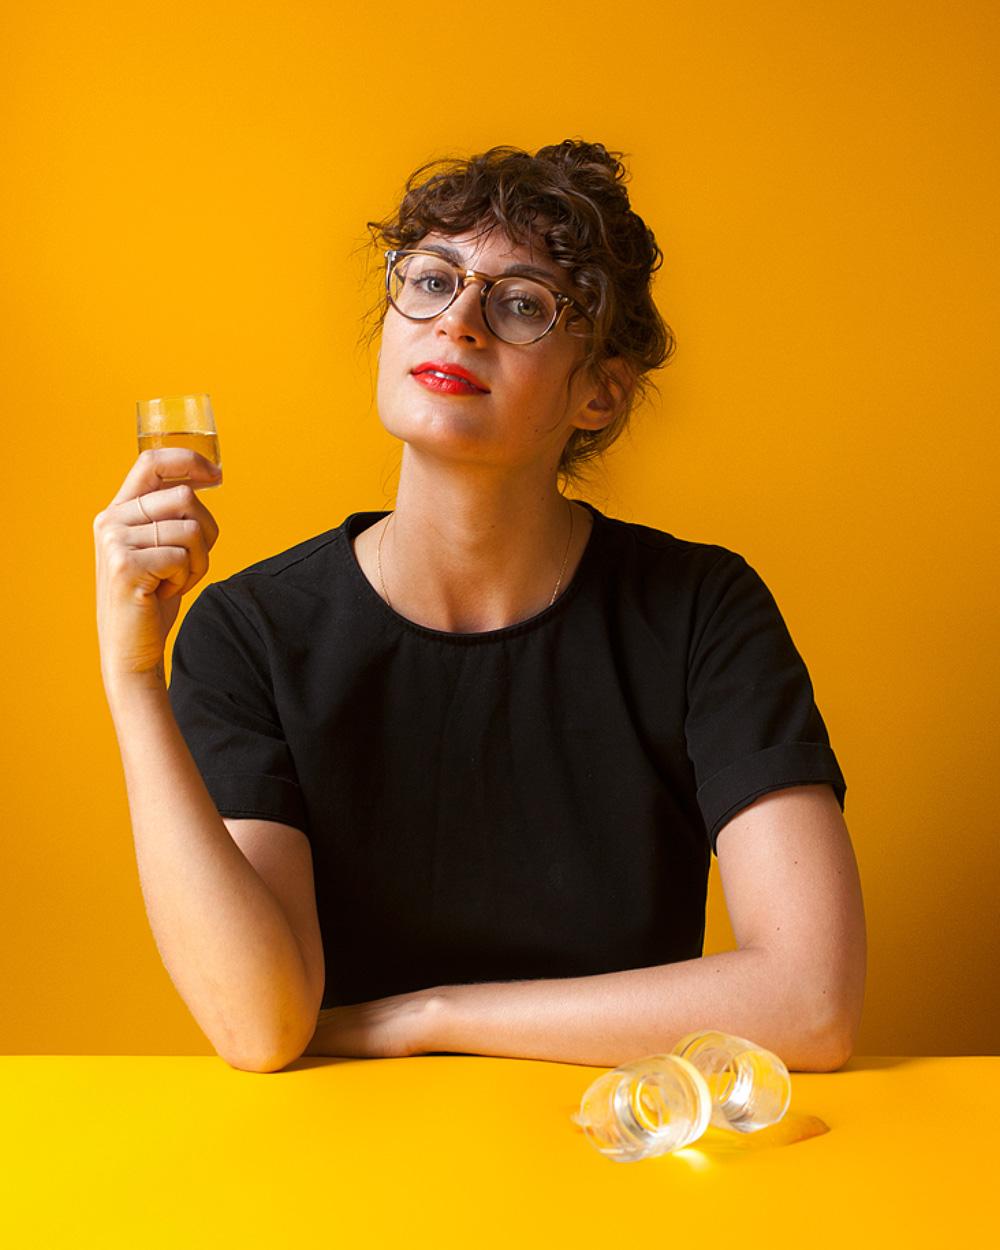 Apéritif expert Rebekah Peppler with her Shot de Orange (recipe follows)